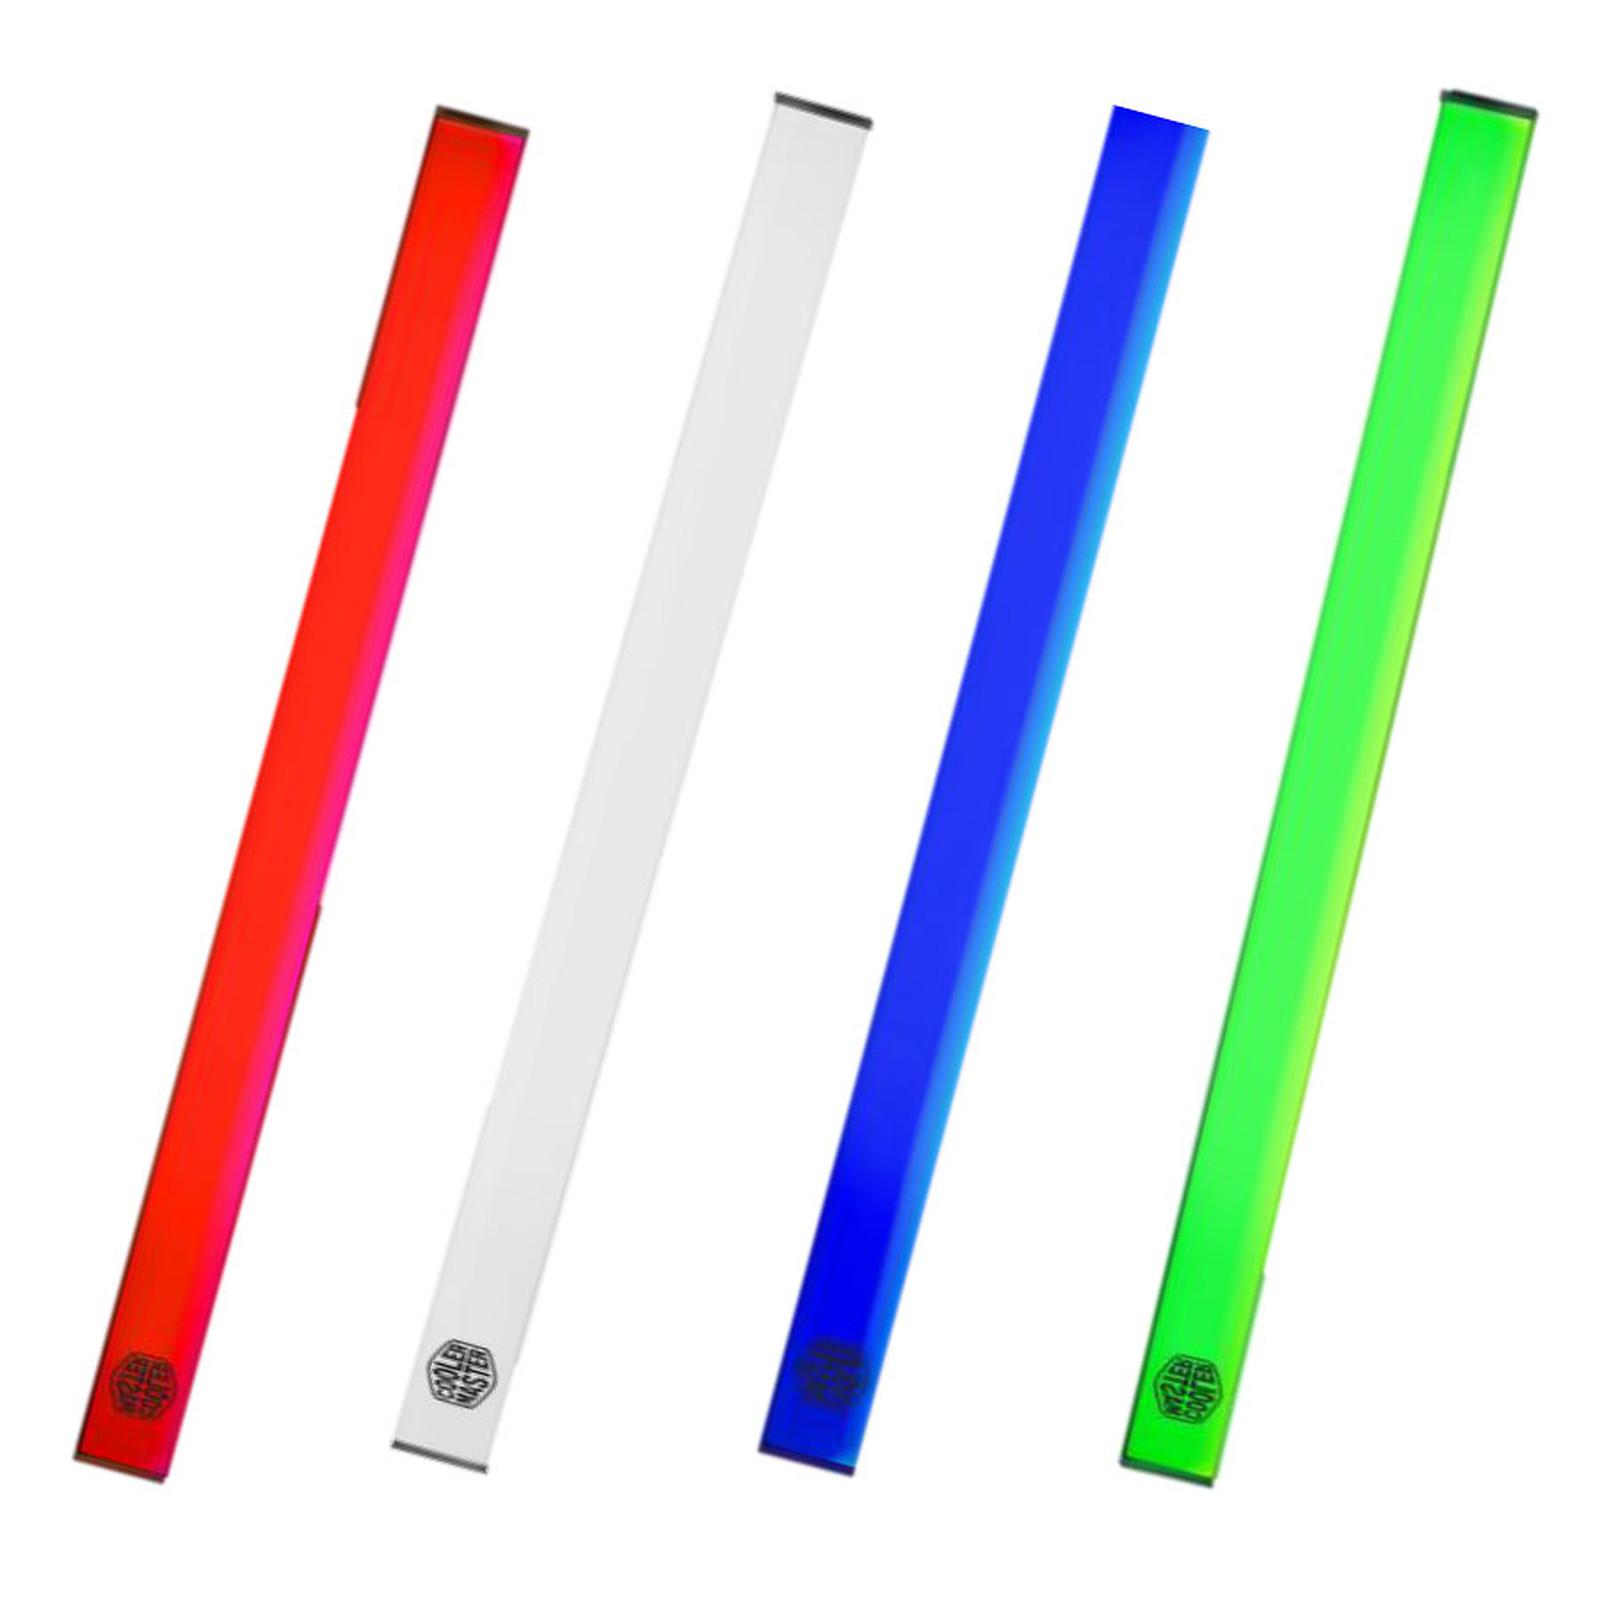 Cooler Master Universal LED Strip - RGB